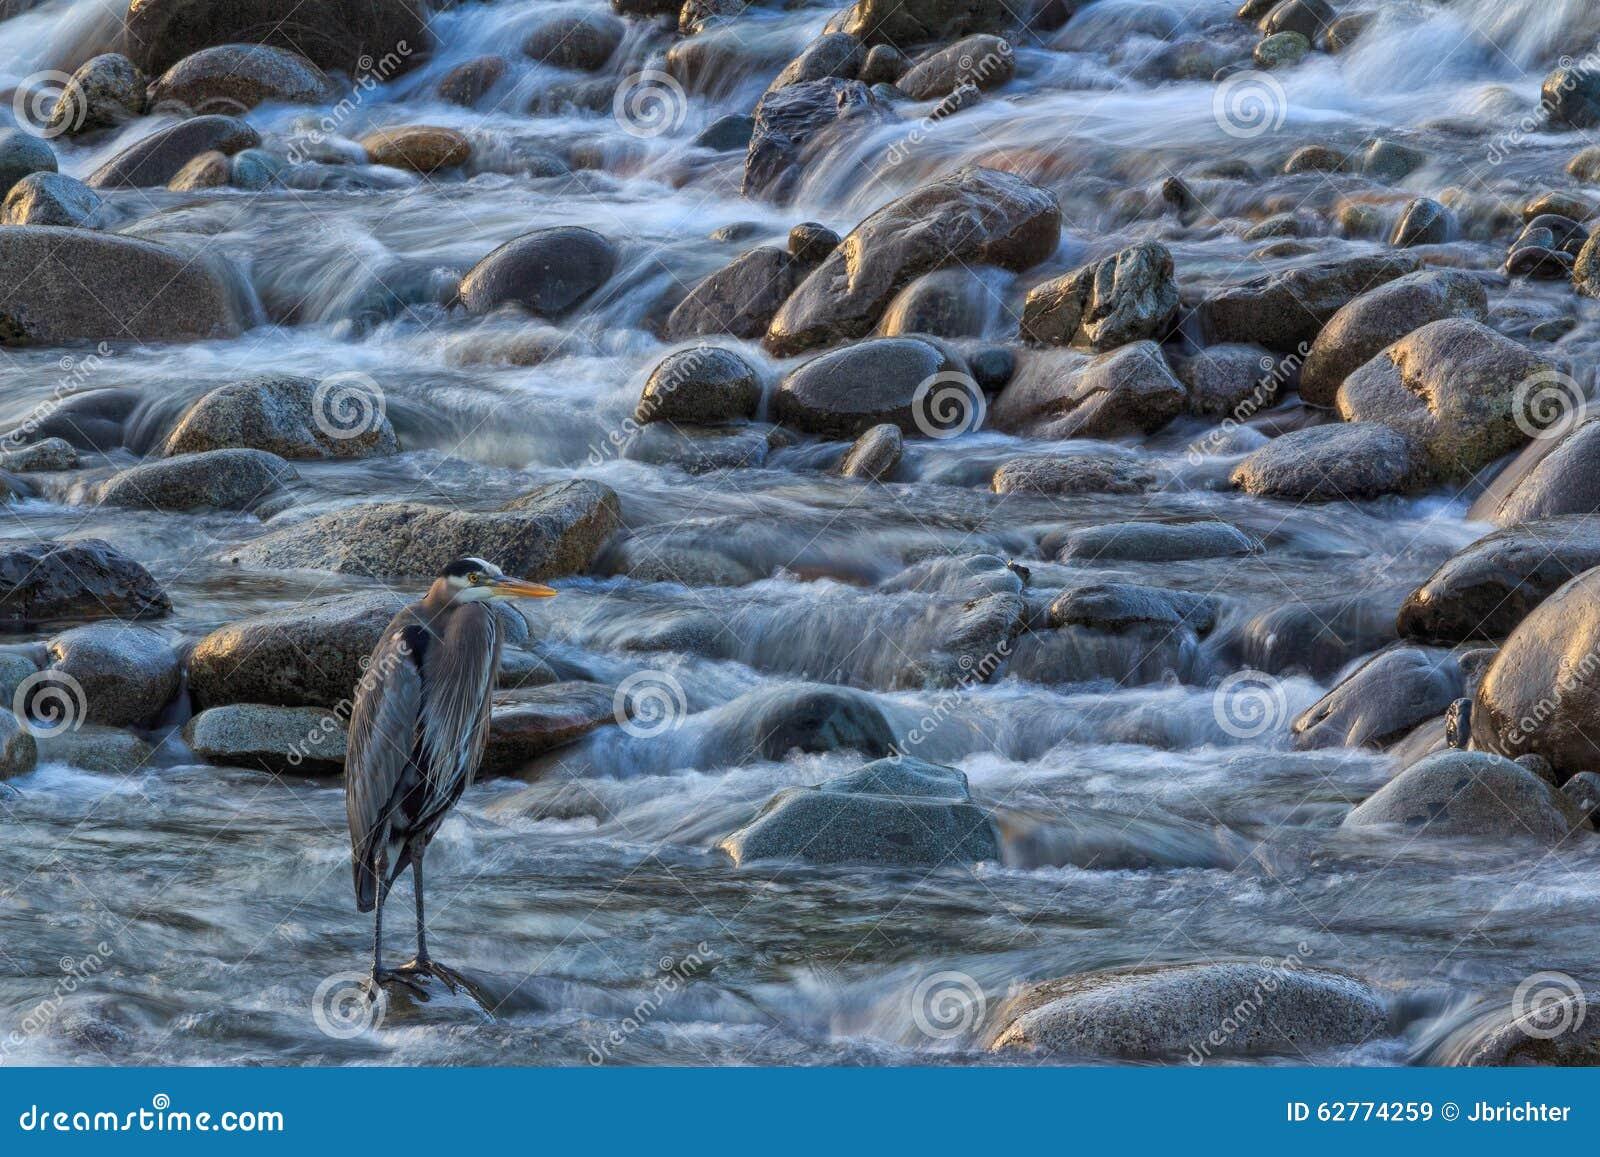 Blue heron washington state stock image image 62774259 for Washington state fishing